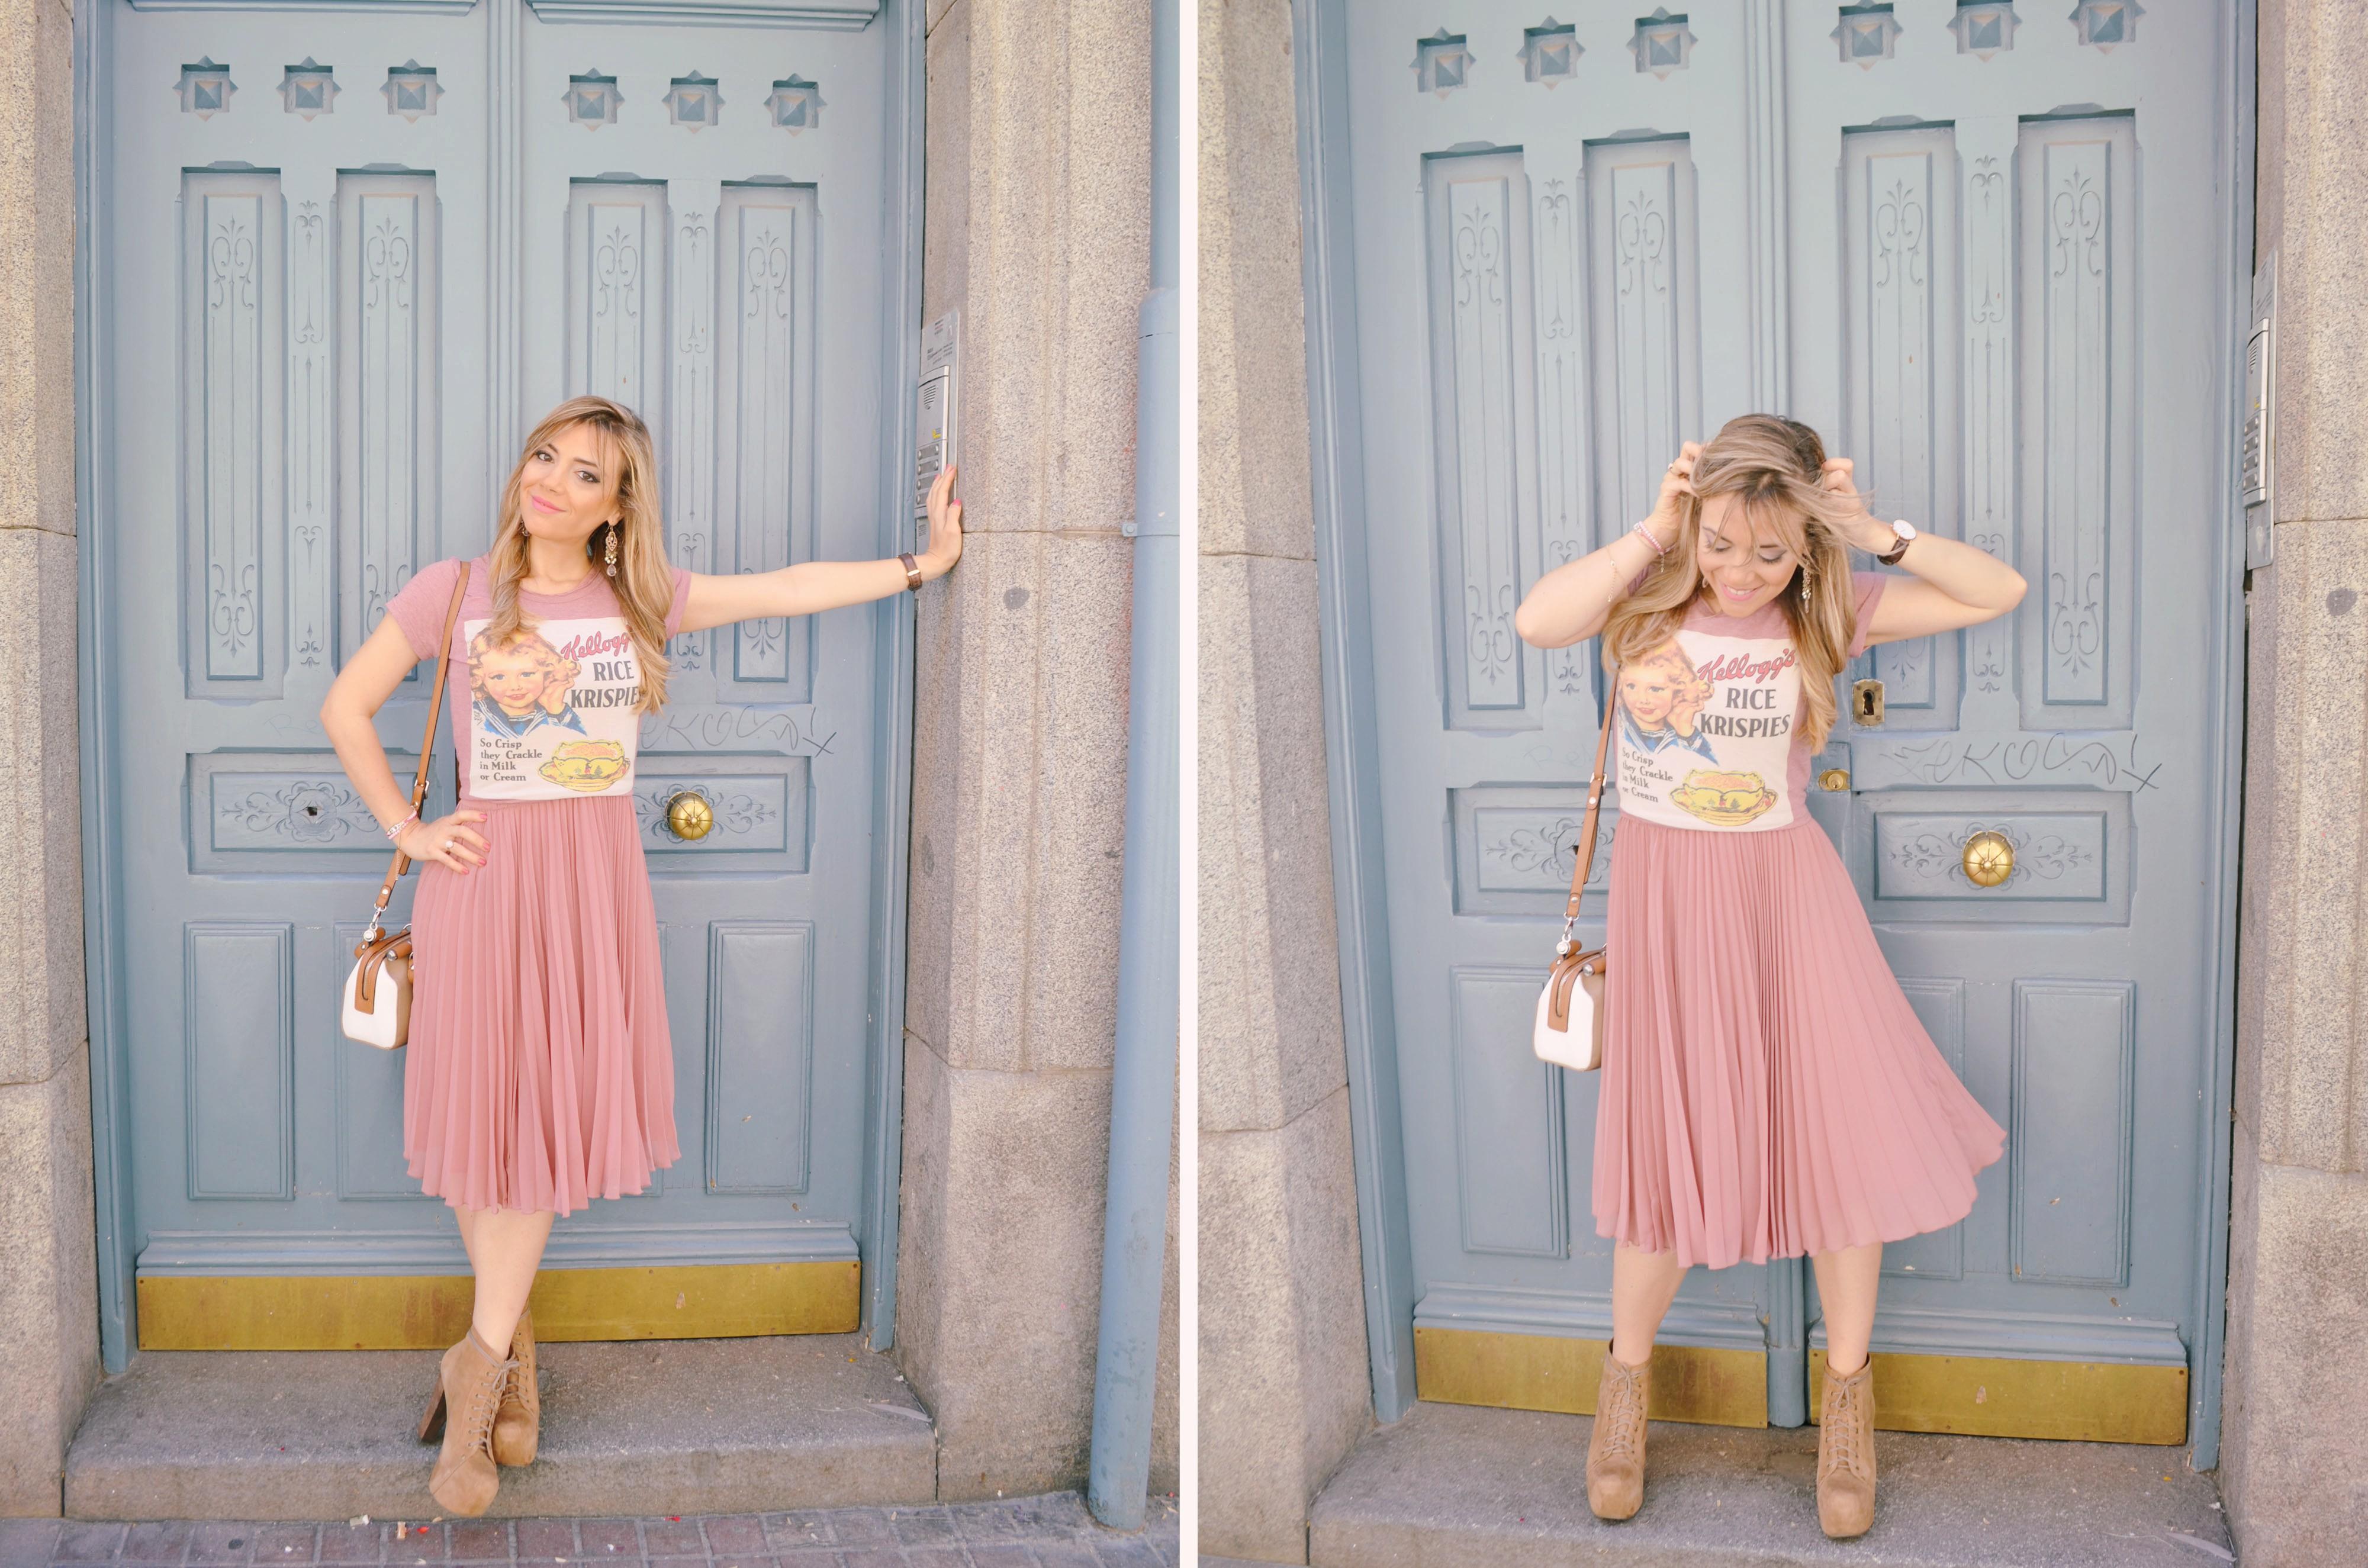 Look-con-falda-plizada-Rose-Quartz-outfit-fashionista-blog-de-moda-ChicAdicta-Chic-Adicta-jeffreycampbell-shoes-PiensaenChic-Piensa-en-Chic